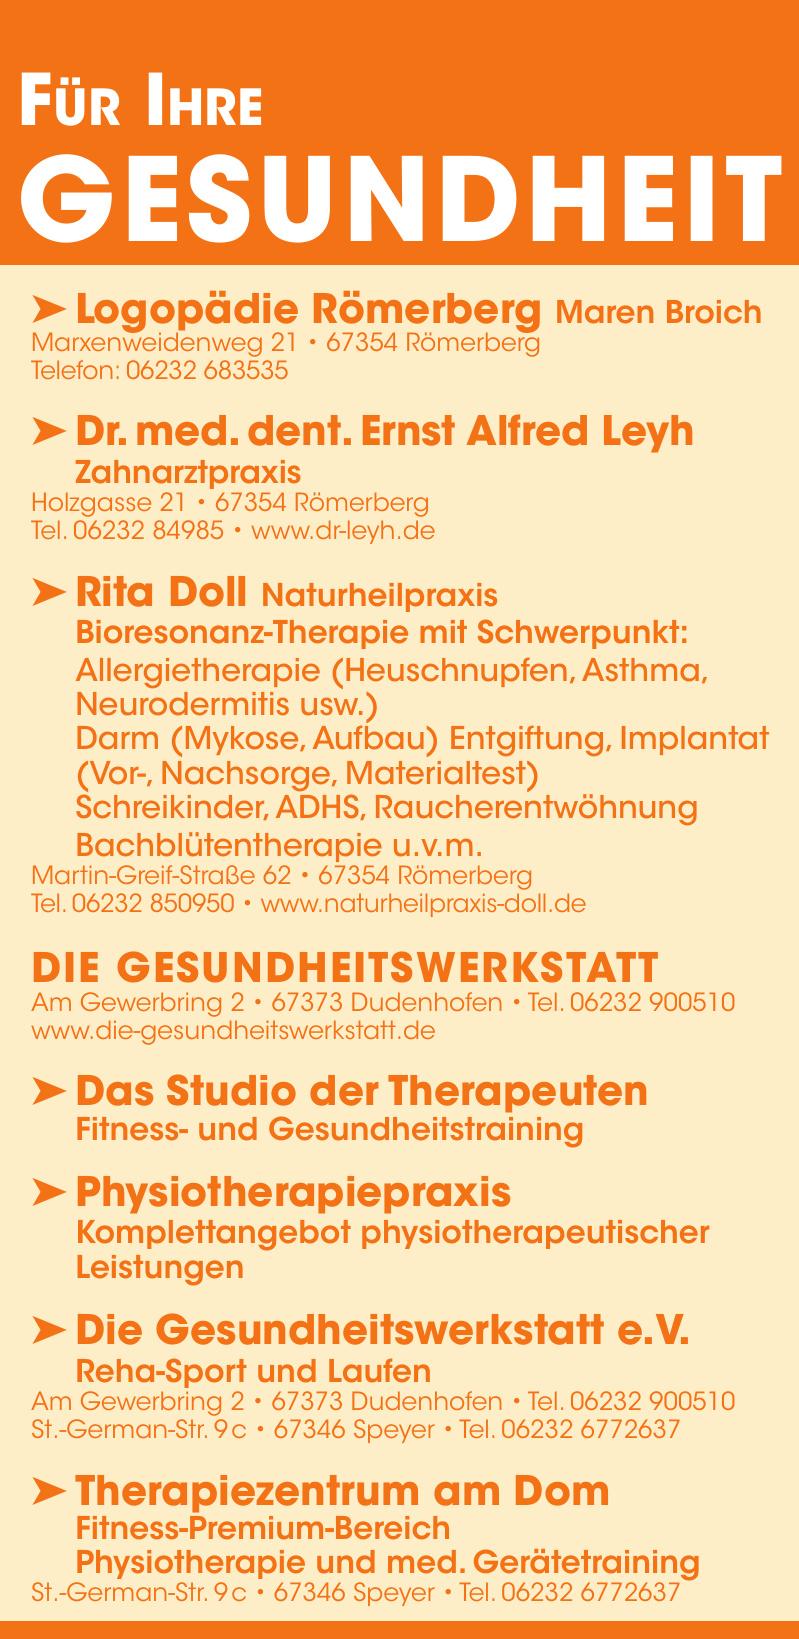 Logopädie Römerberg Maren Broich